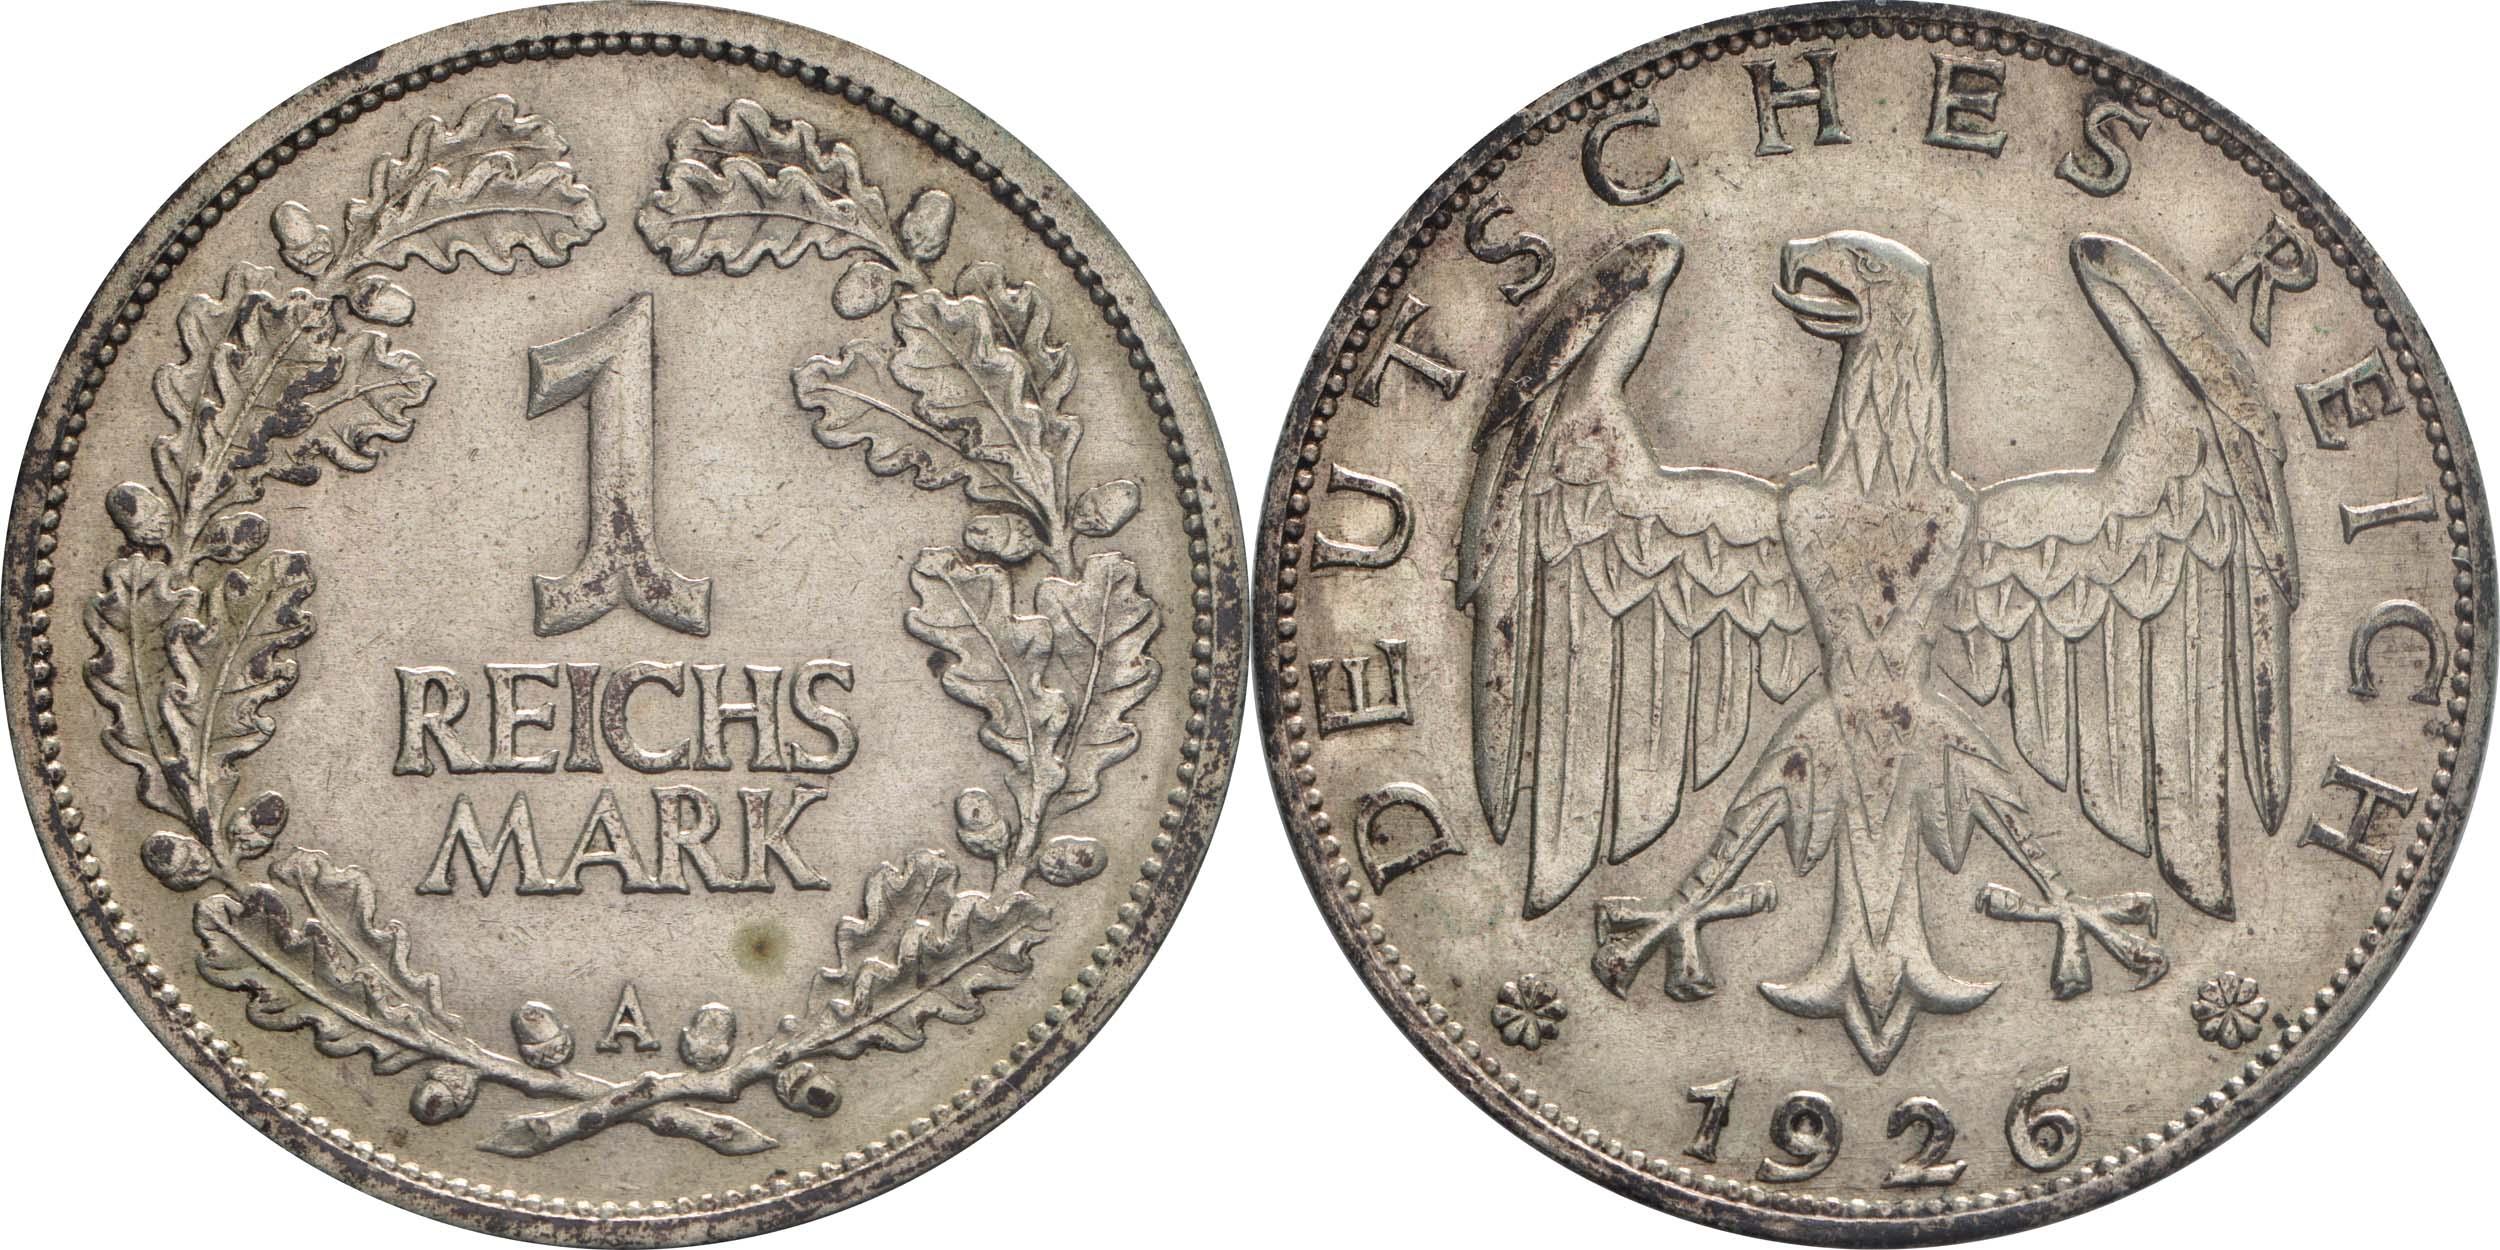 Lieferumfang:Deutschland : 1 Reichsmark Kursmünze  1926 ss.